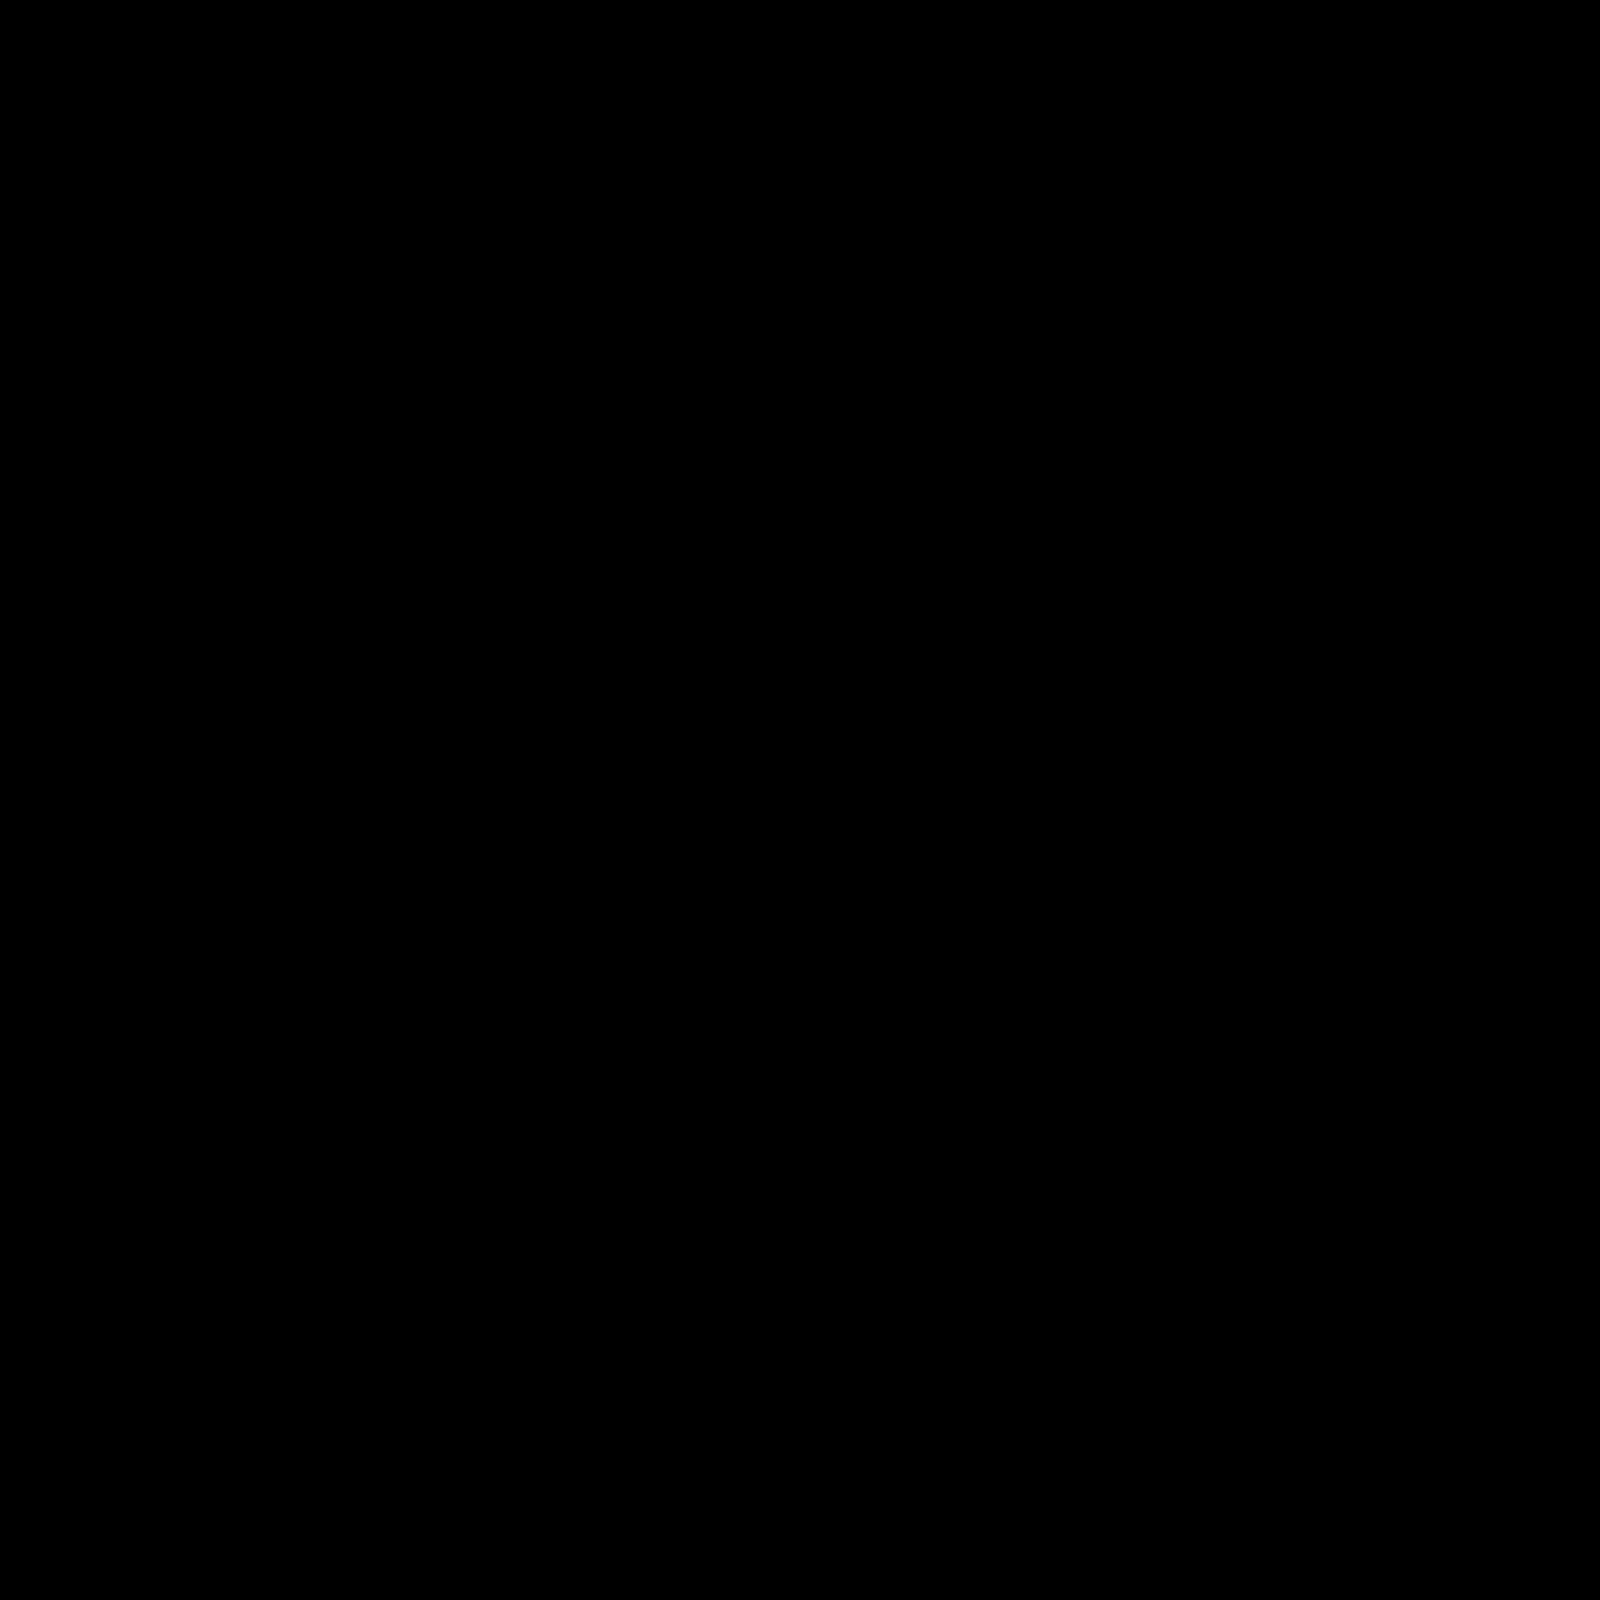 Bocian icon